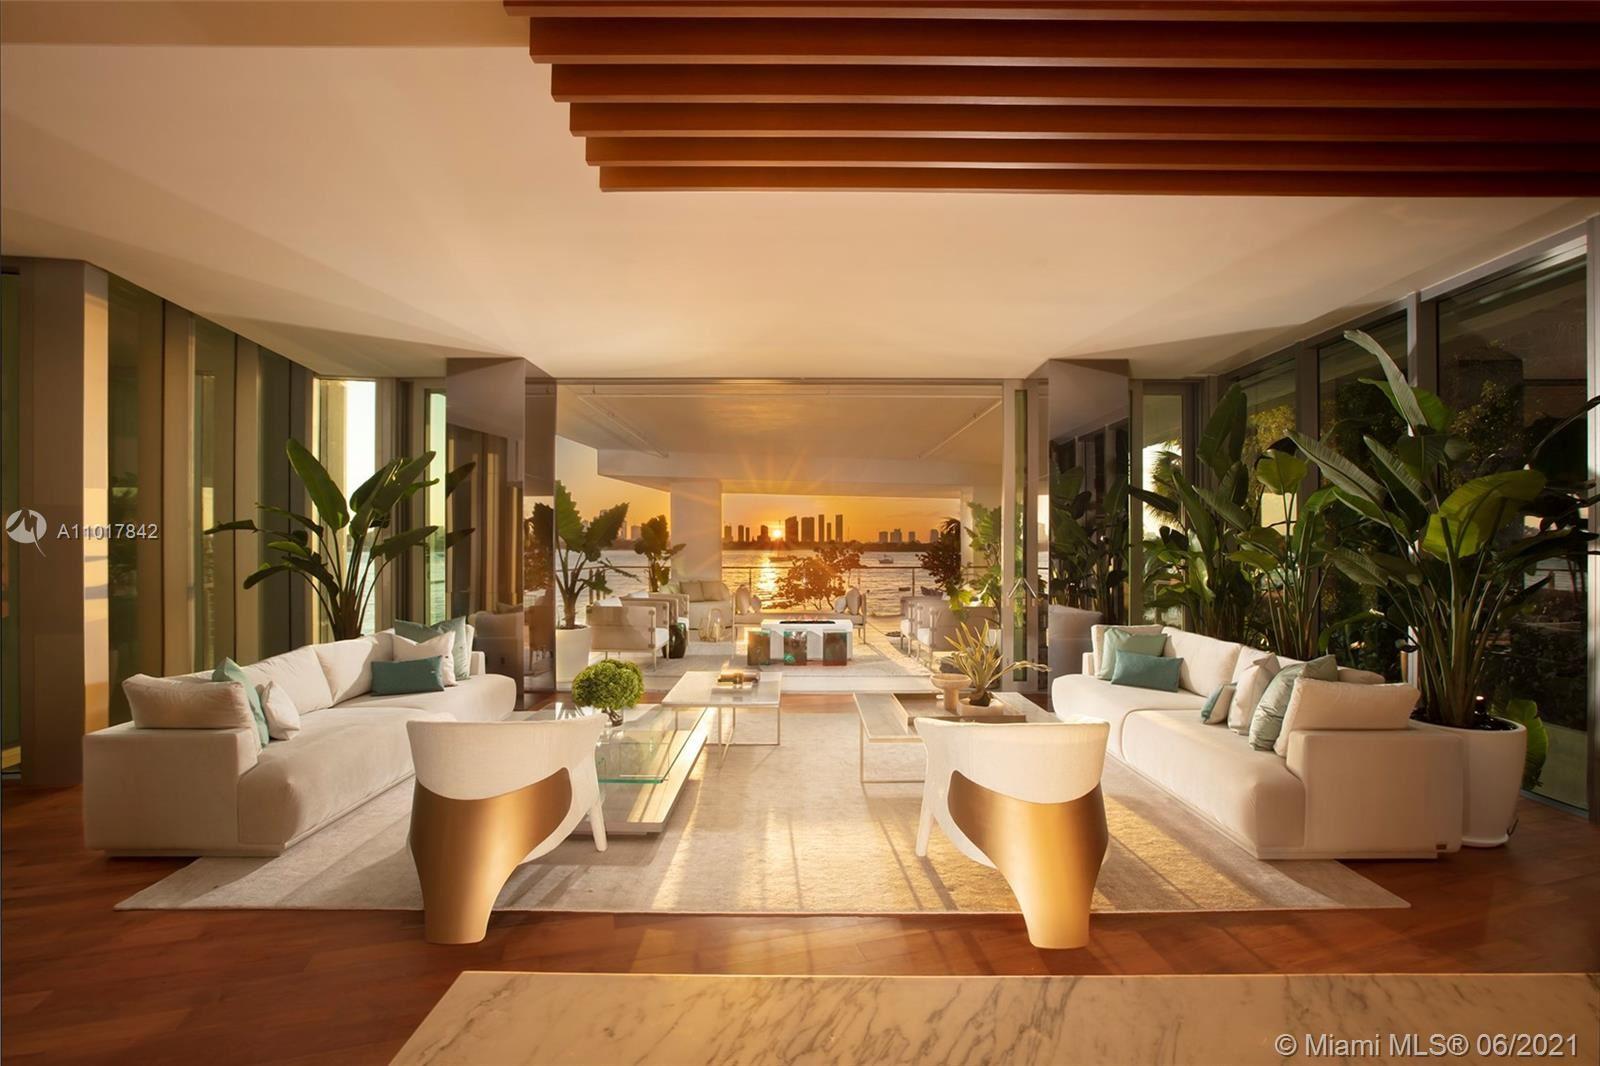 1300 Monad Terrace #1A, Miami Beach, FL 33139 - #: A11017842